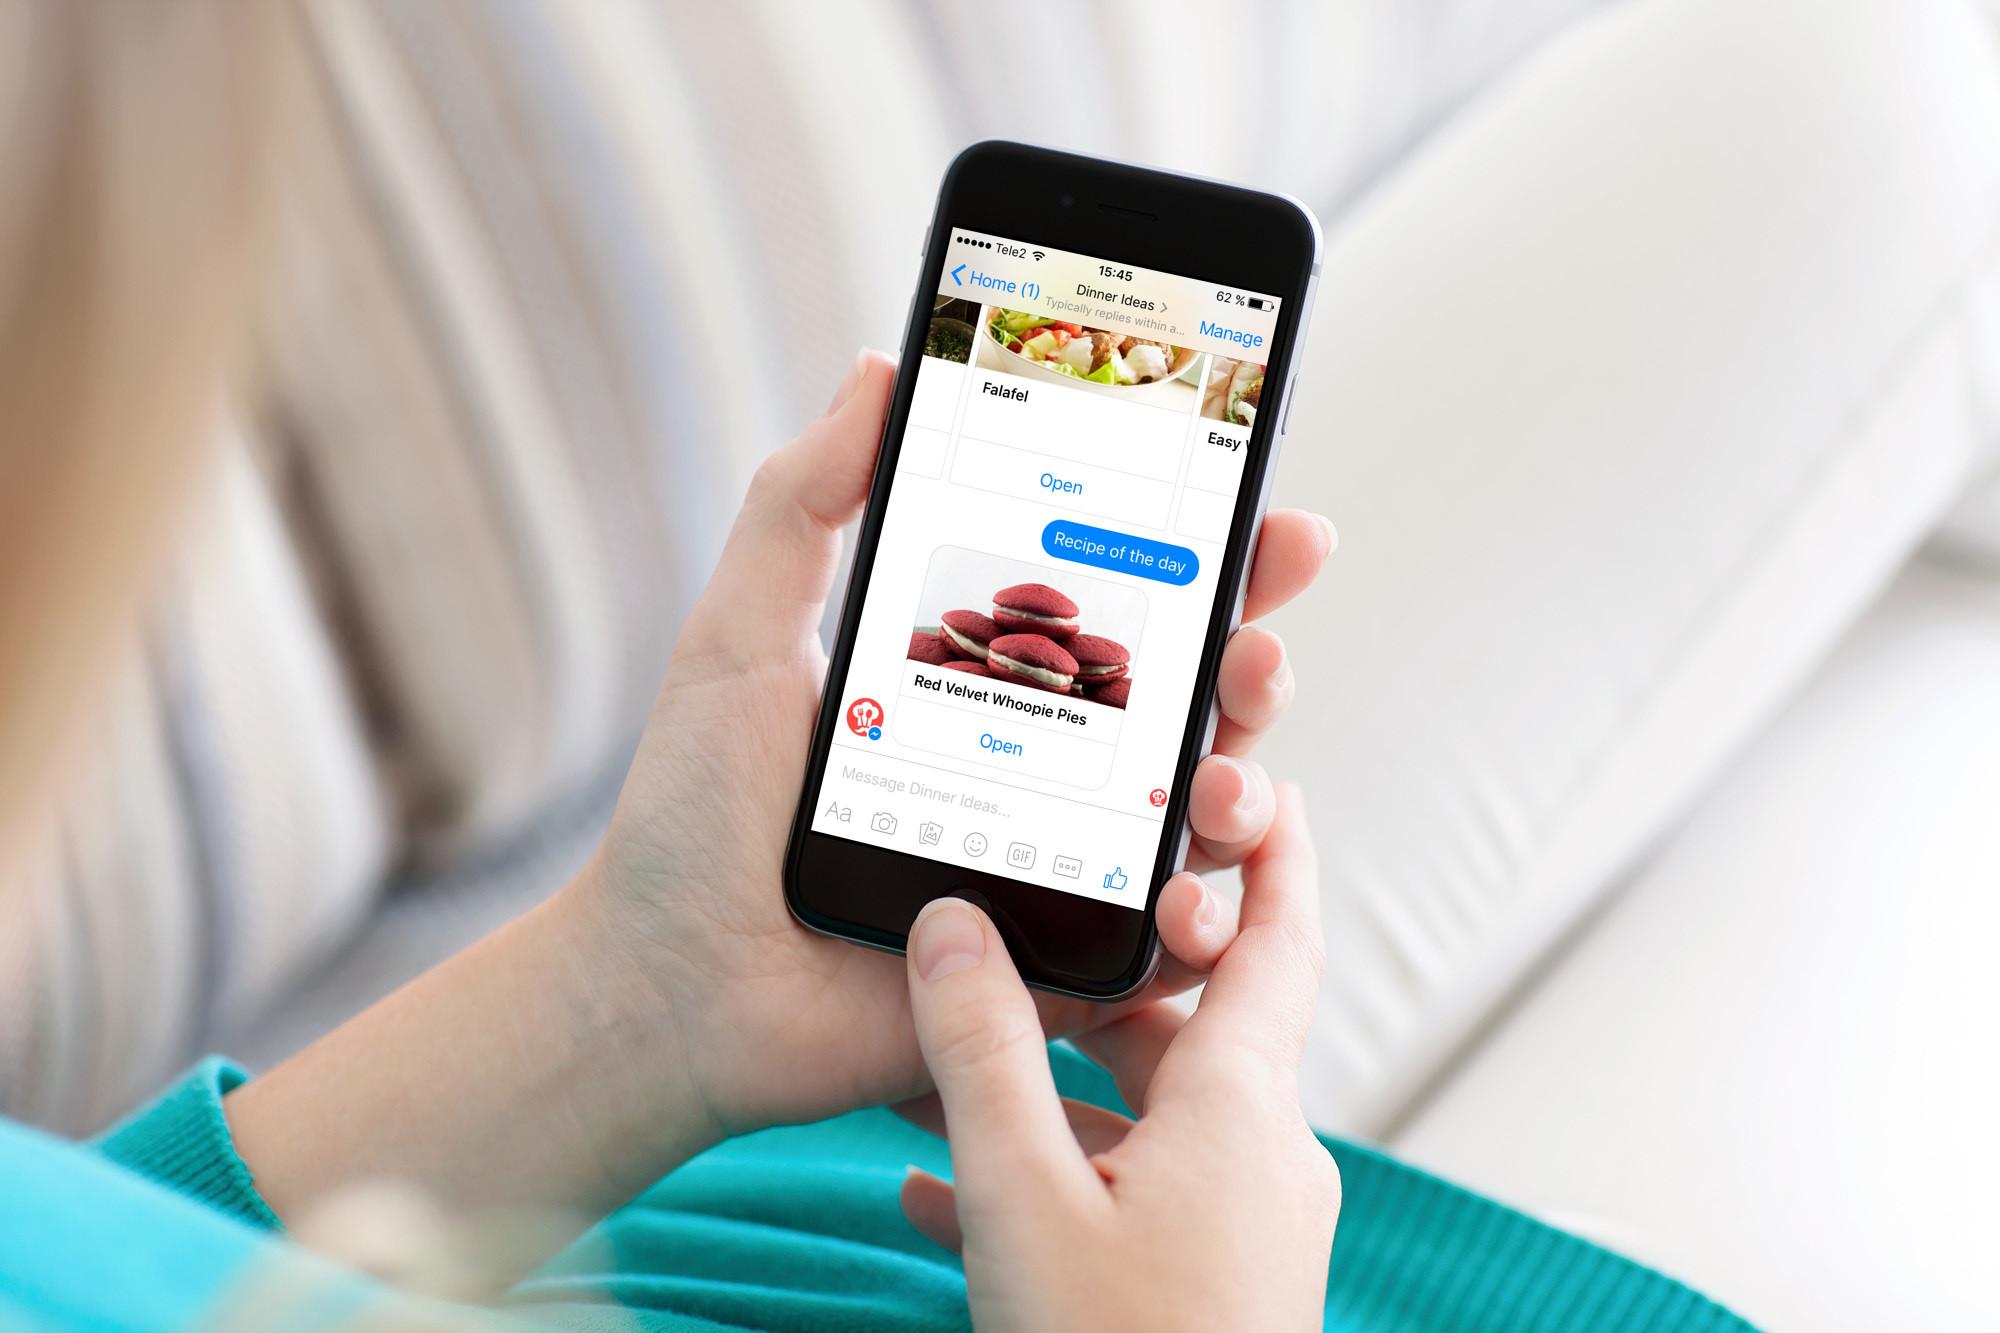 Dinner Ideas, il bot di Messenger come aiuto in cucina